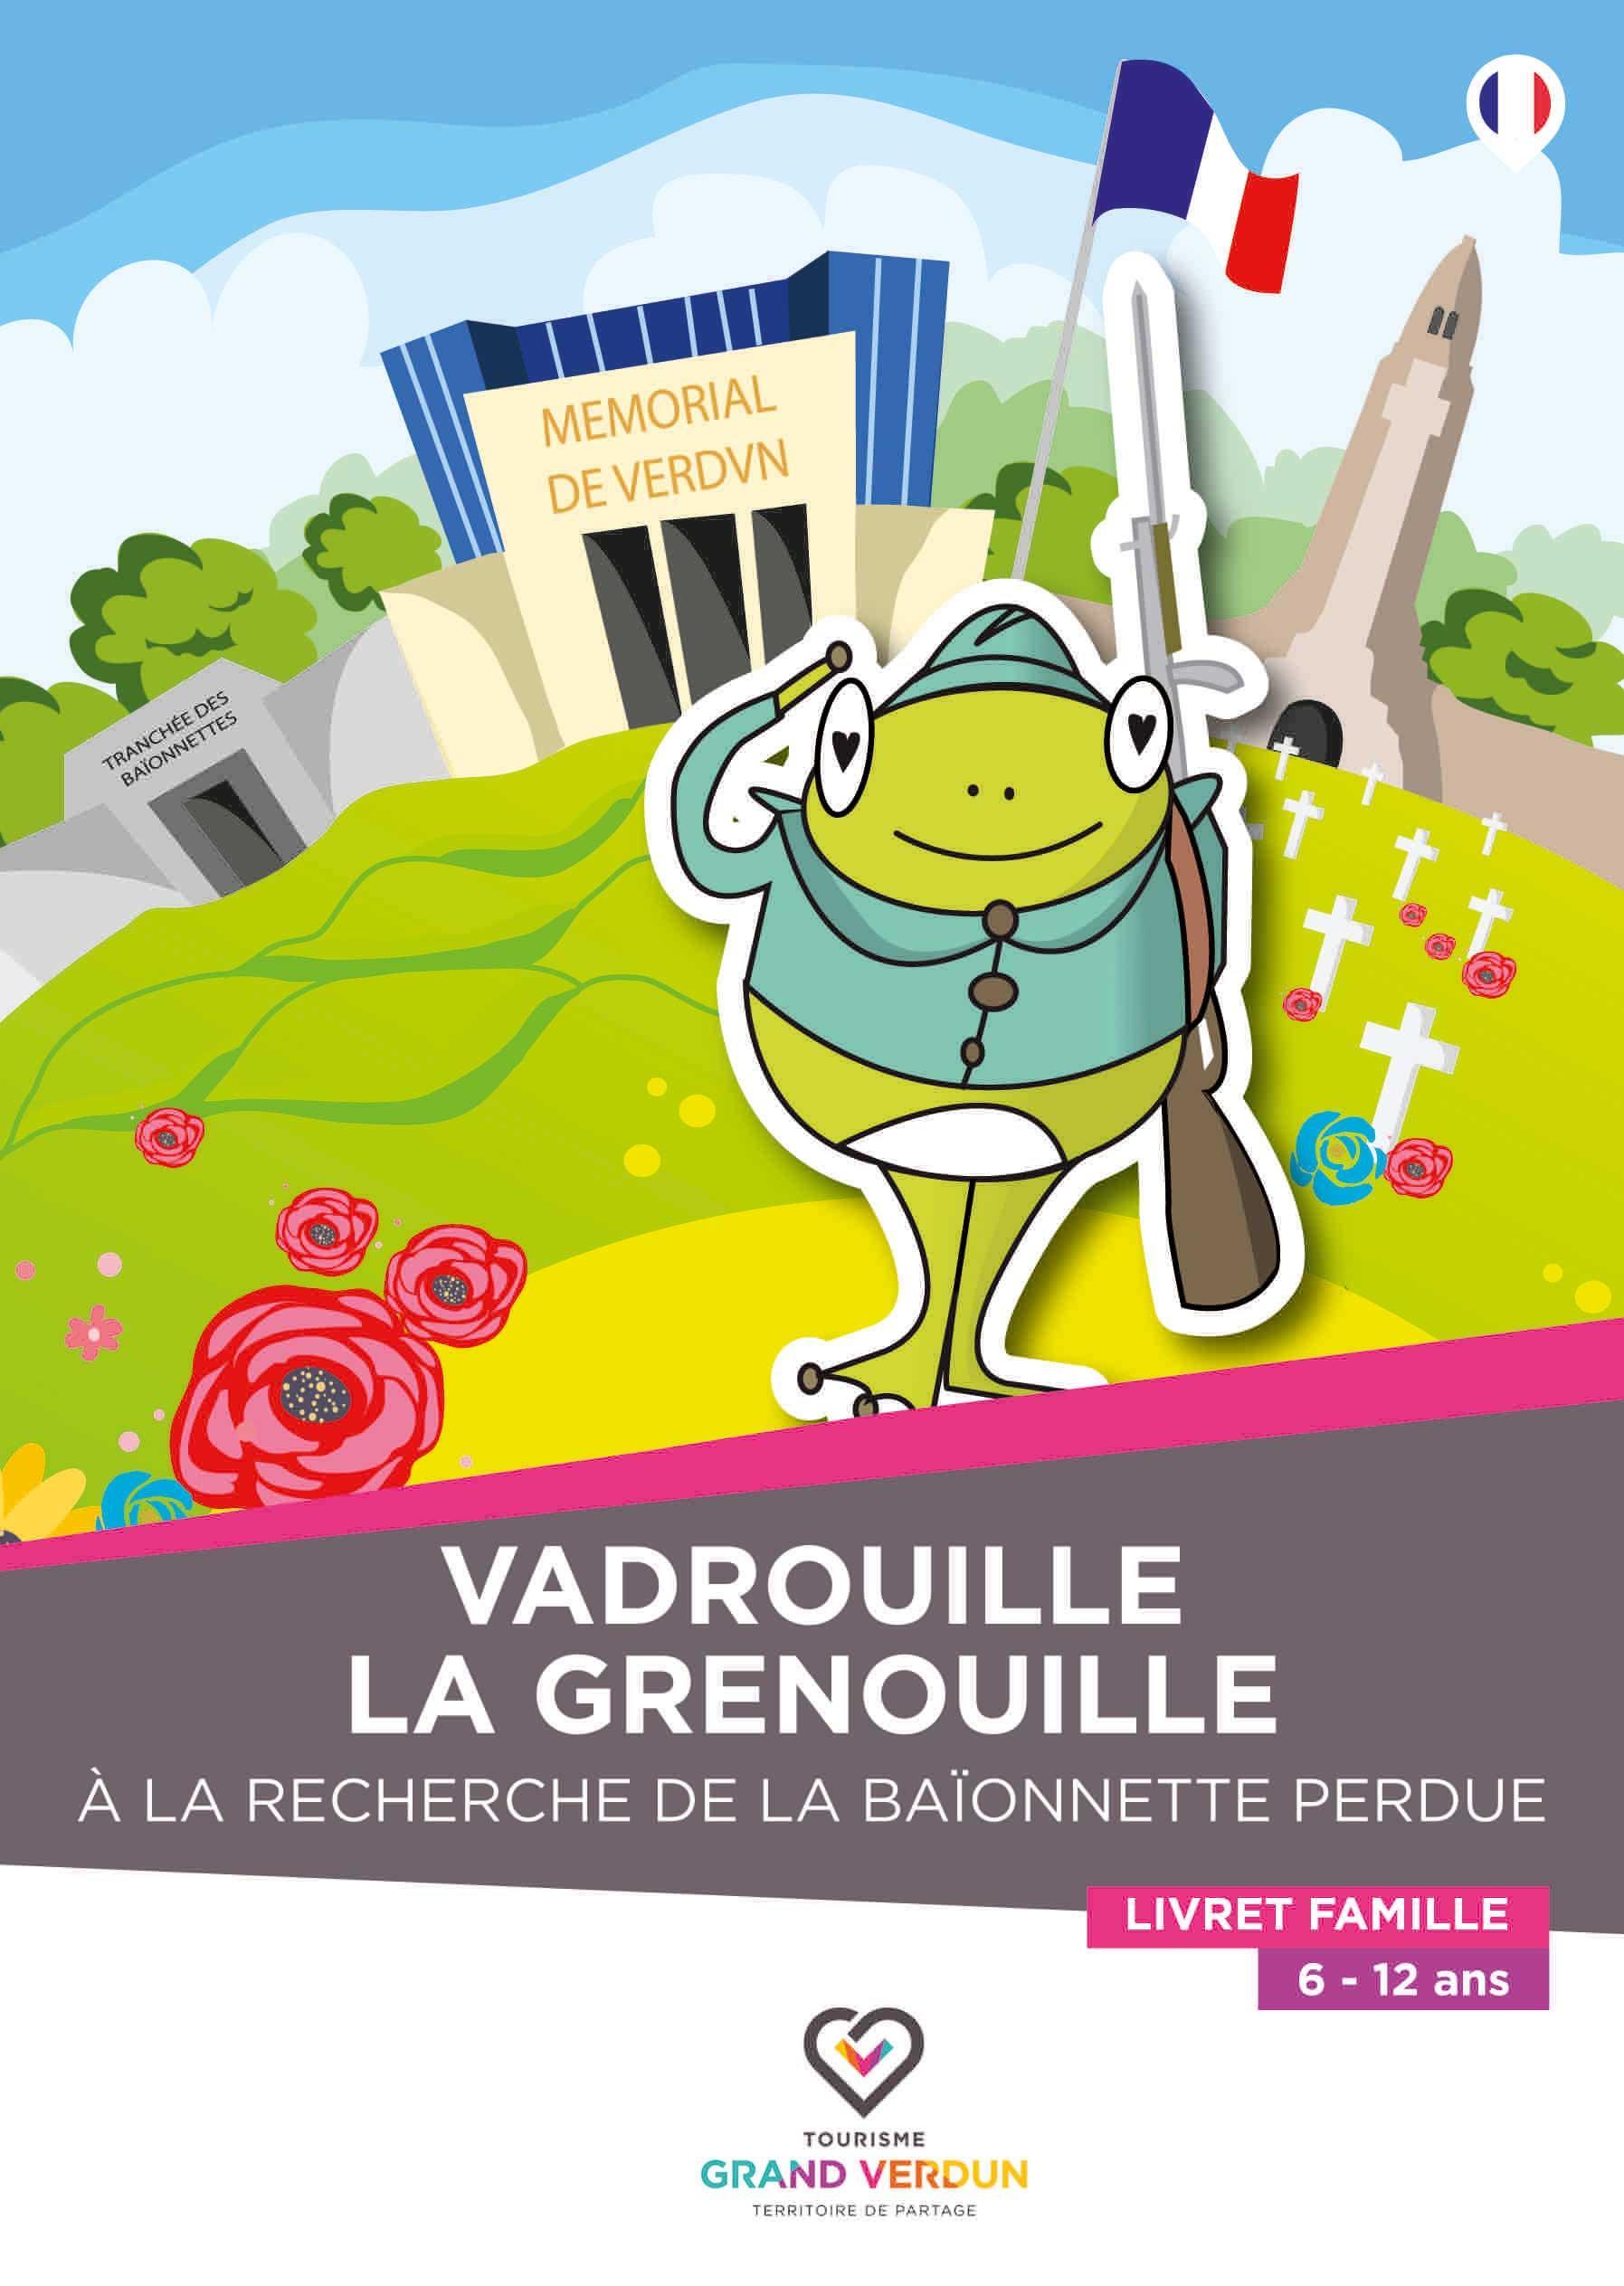 VADROUILLE LA GRENOUILLE